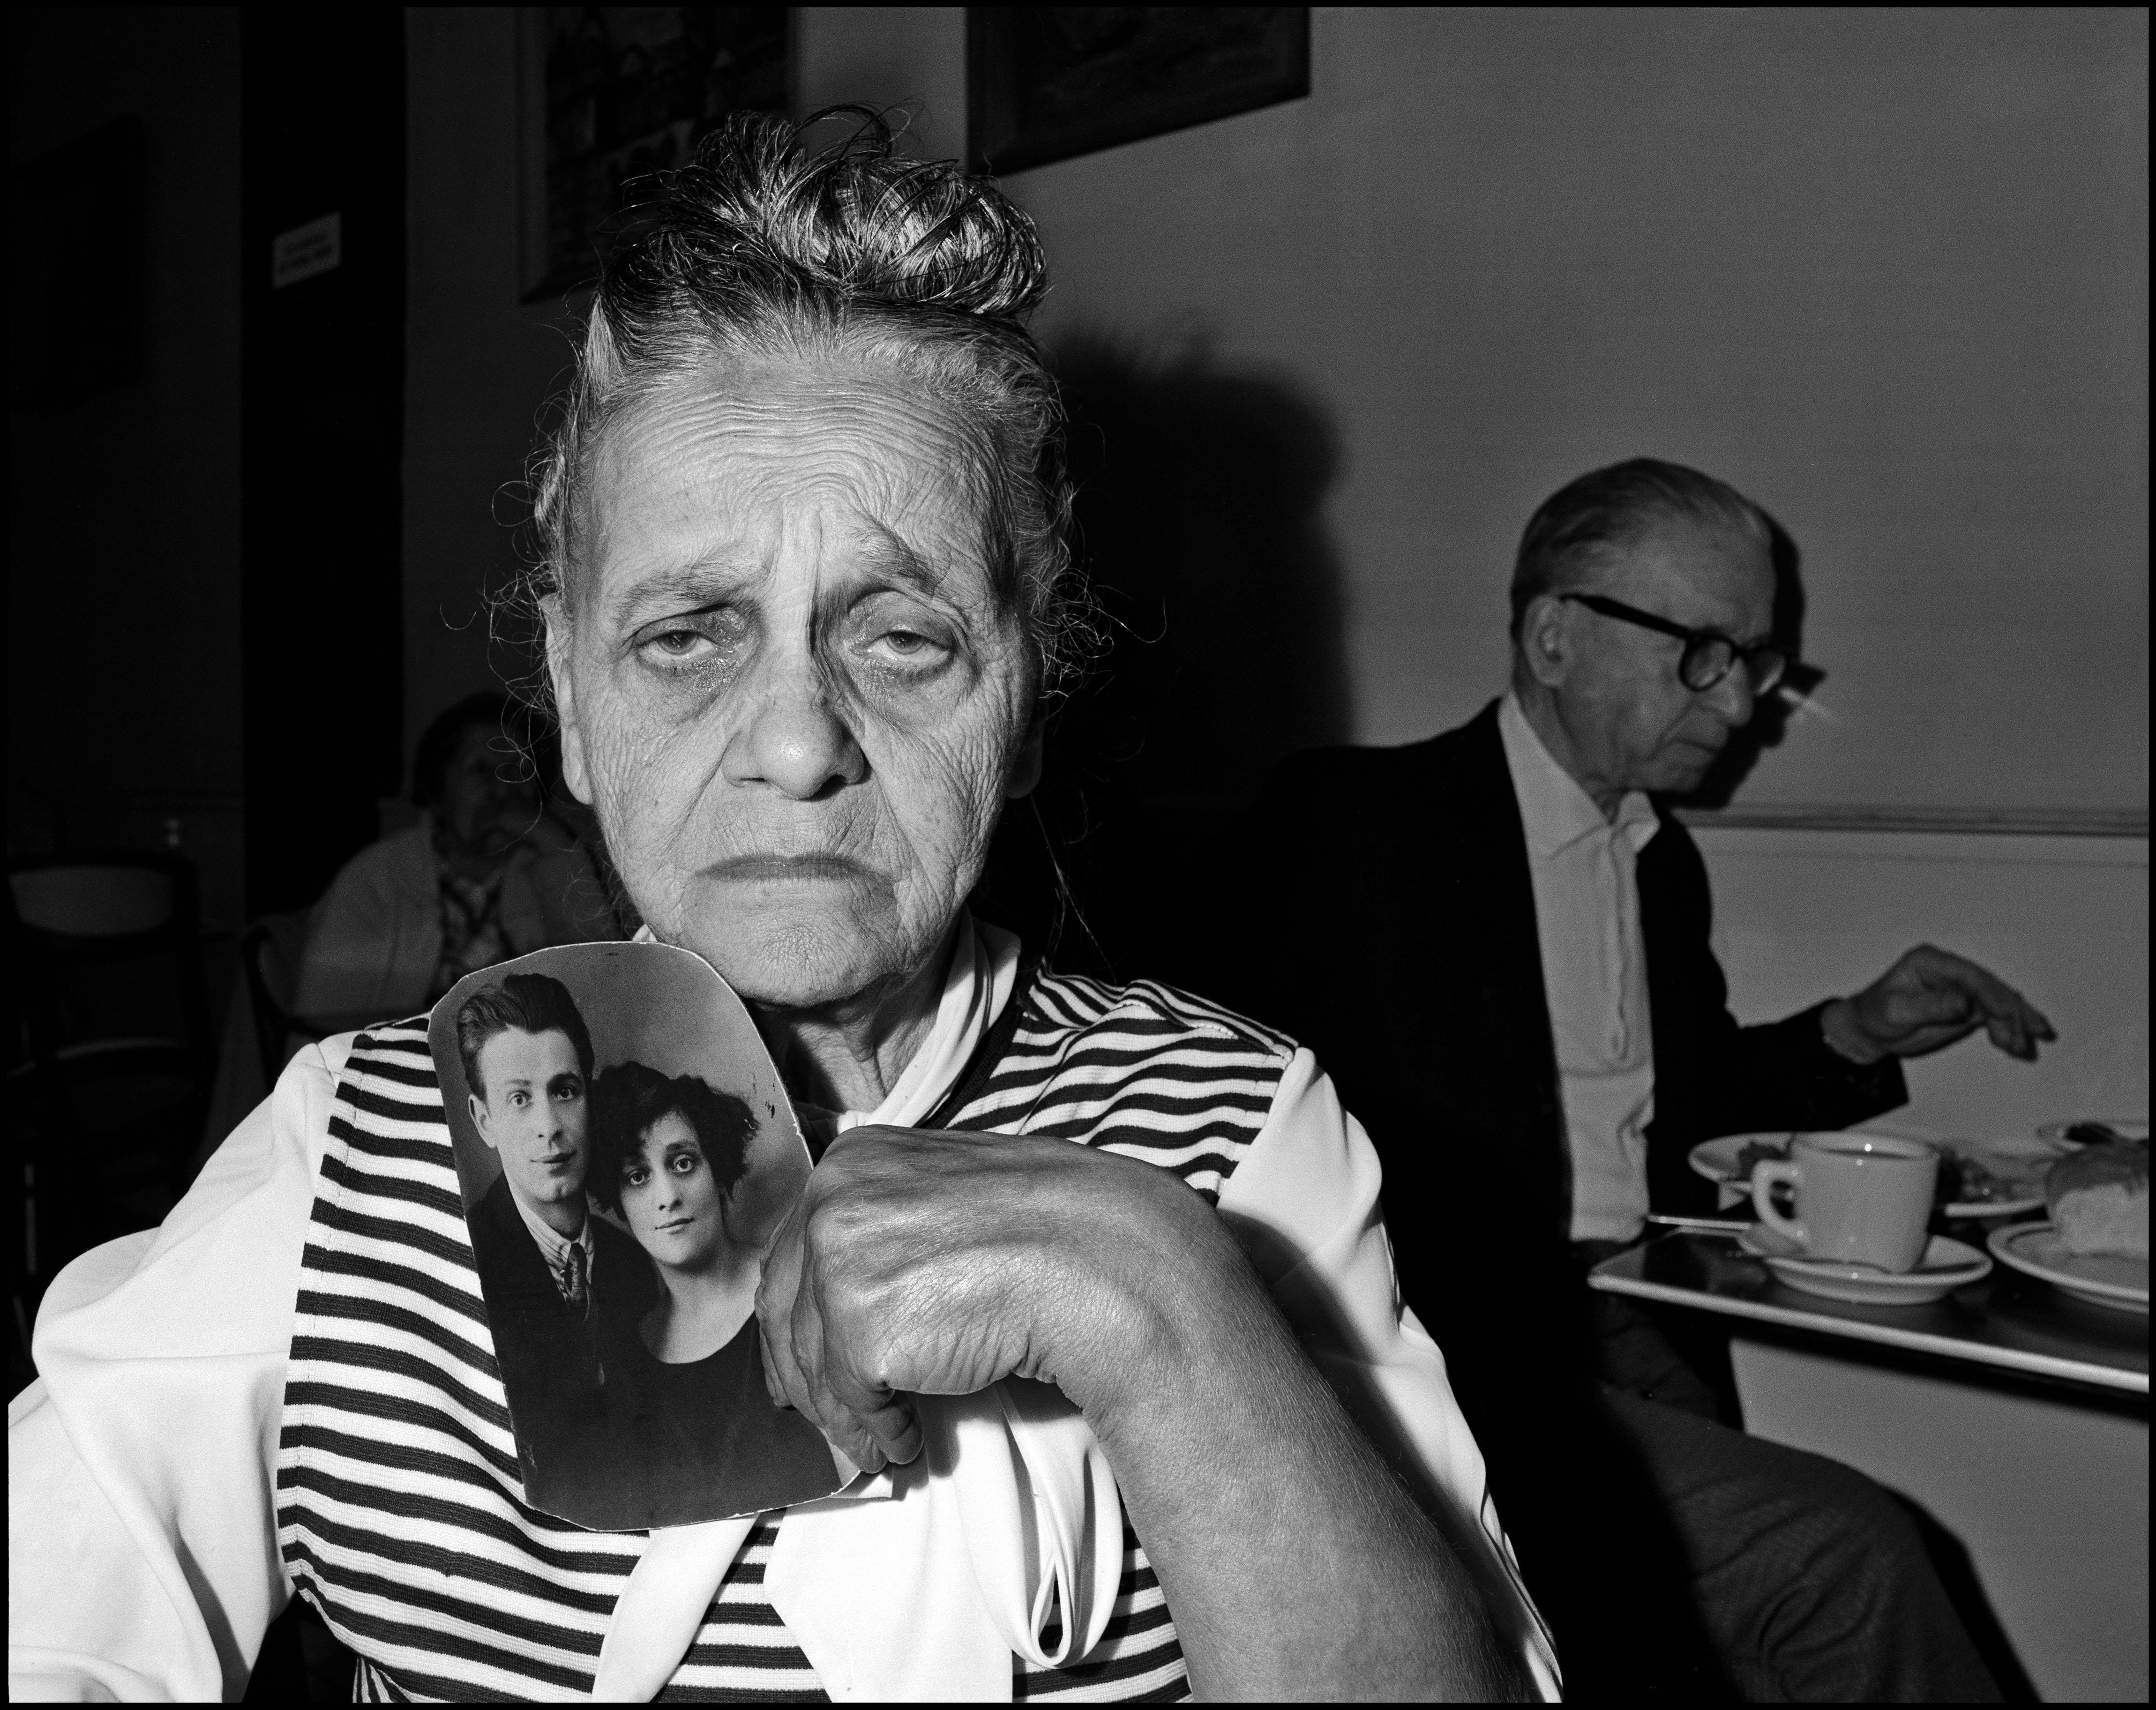 Bessie Gakaubowicz, Garden Cafeteria, New York, 1973-1976